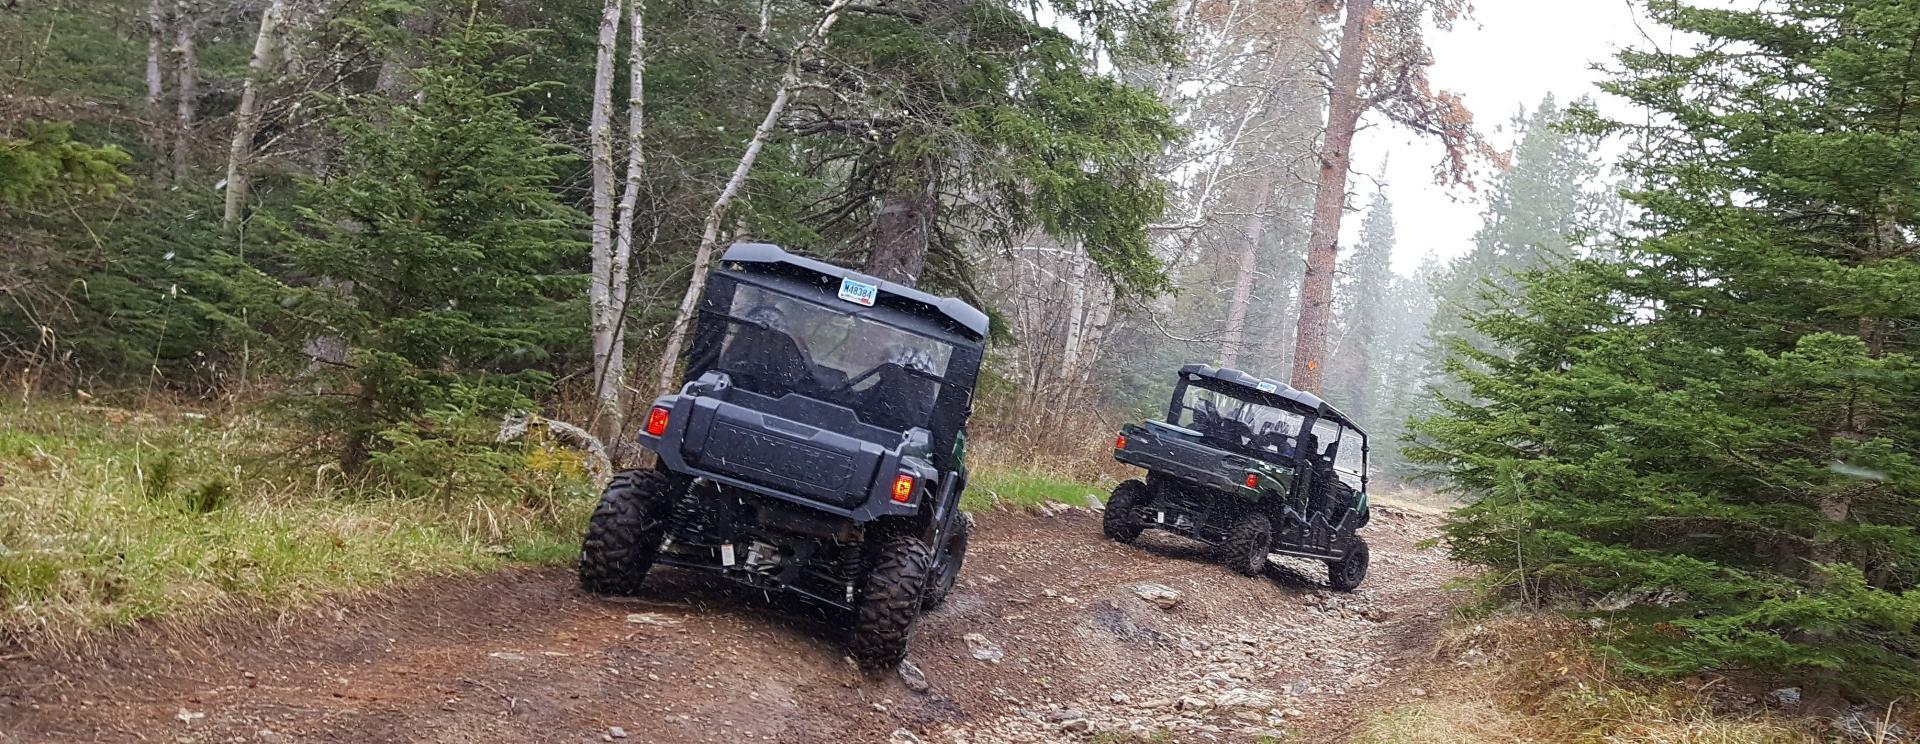 Mystic Trails Rentals